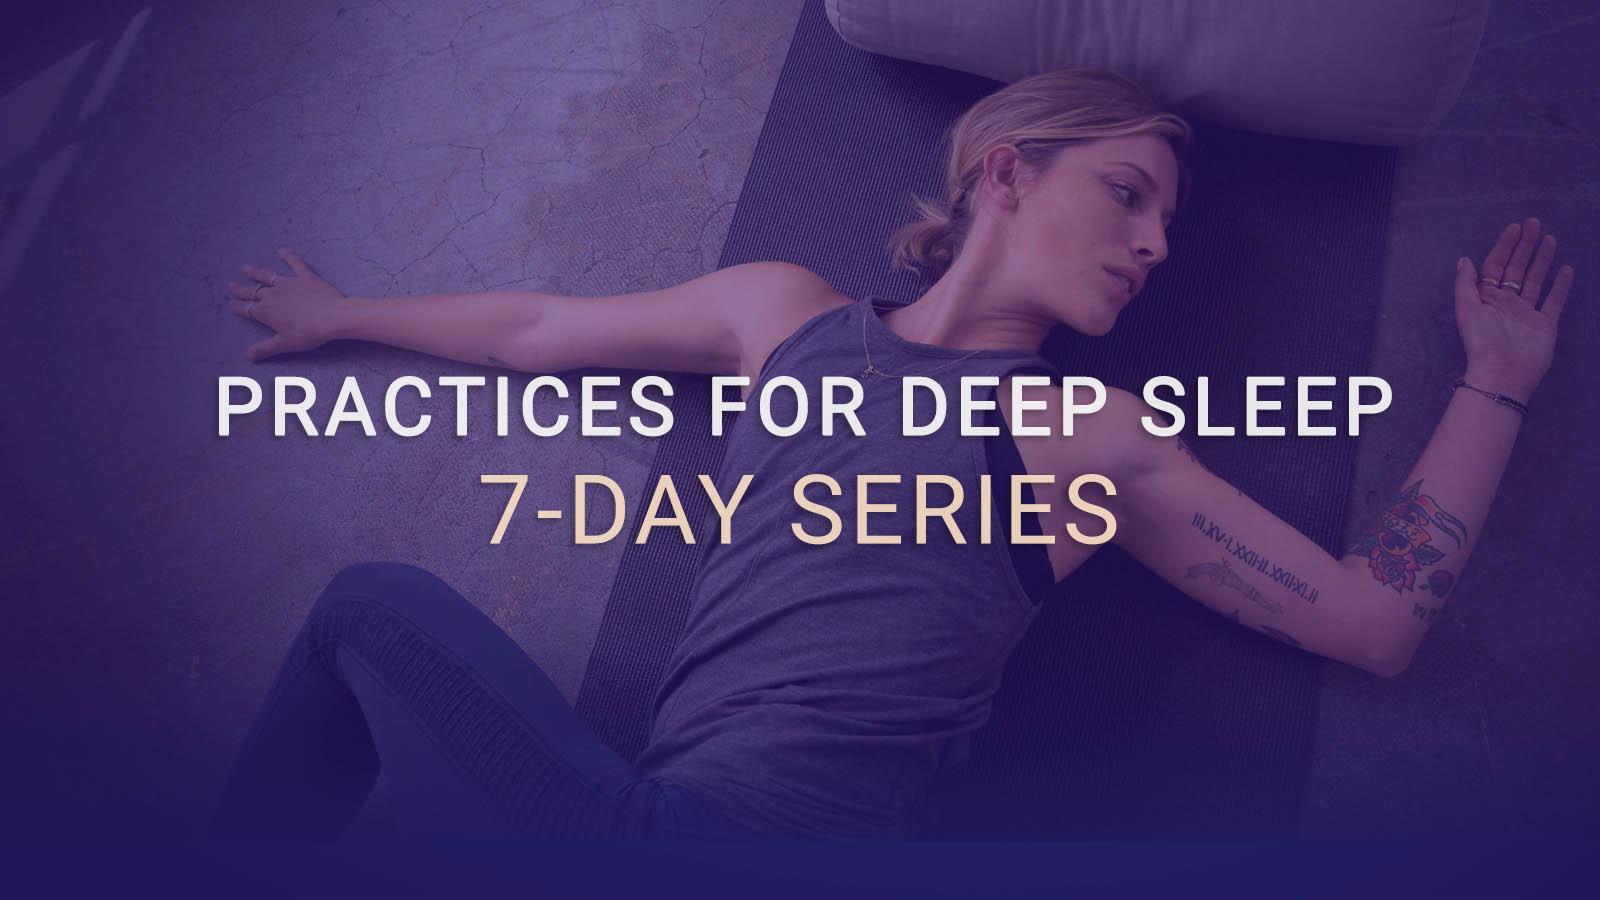 PRACTICES FOR DEEP SLEEP